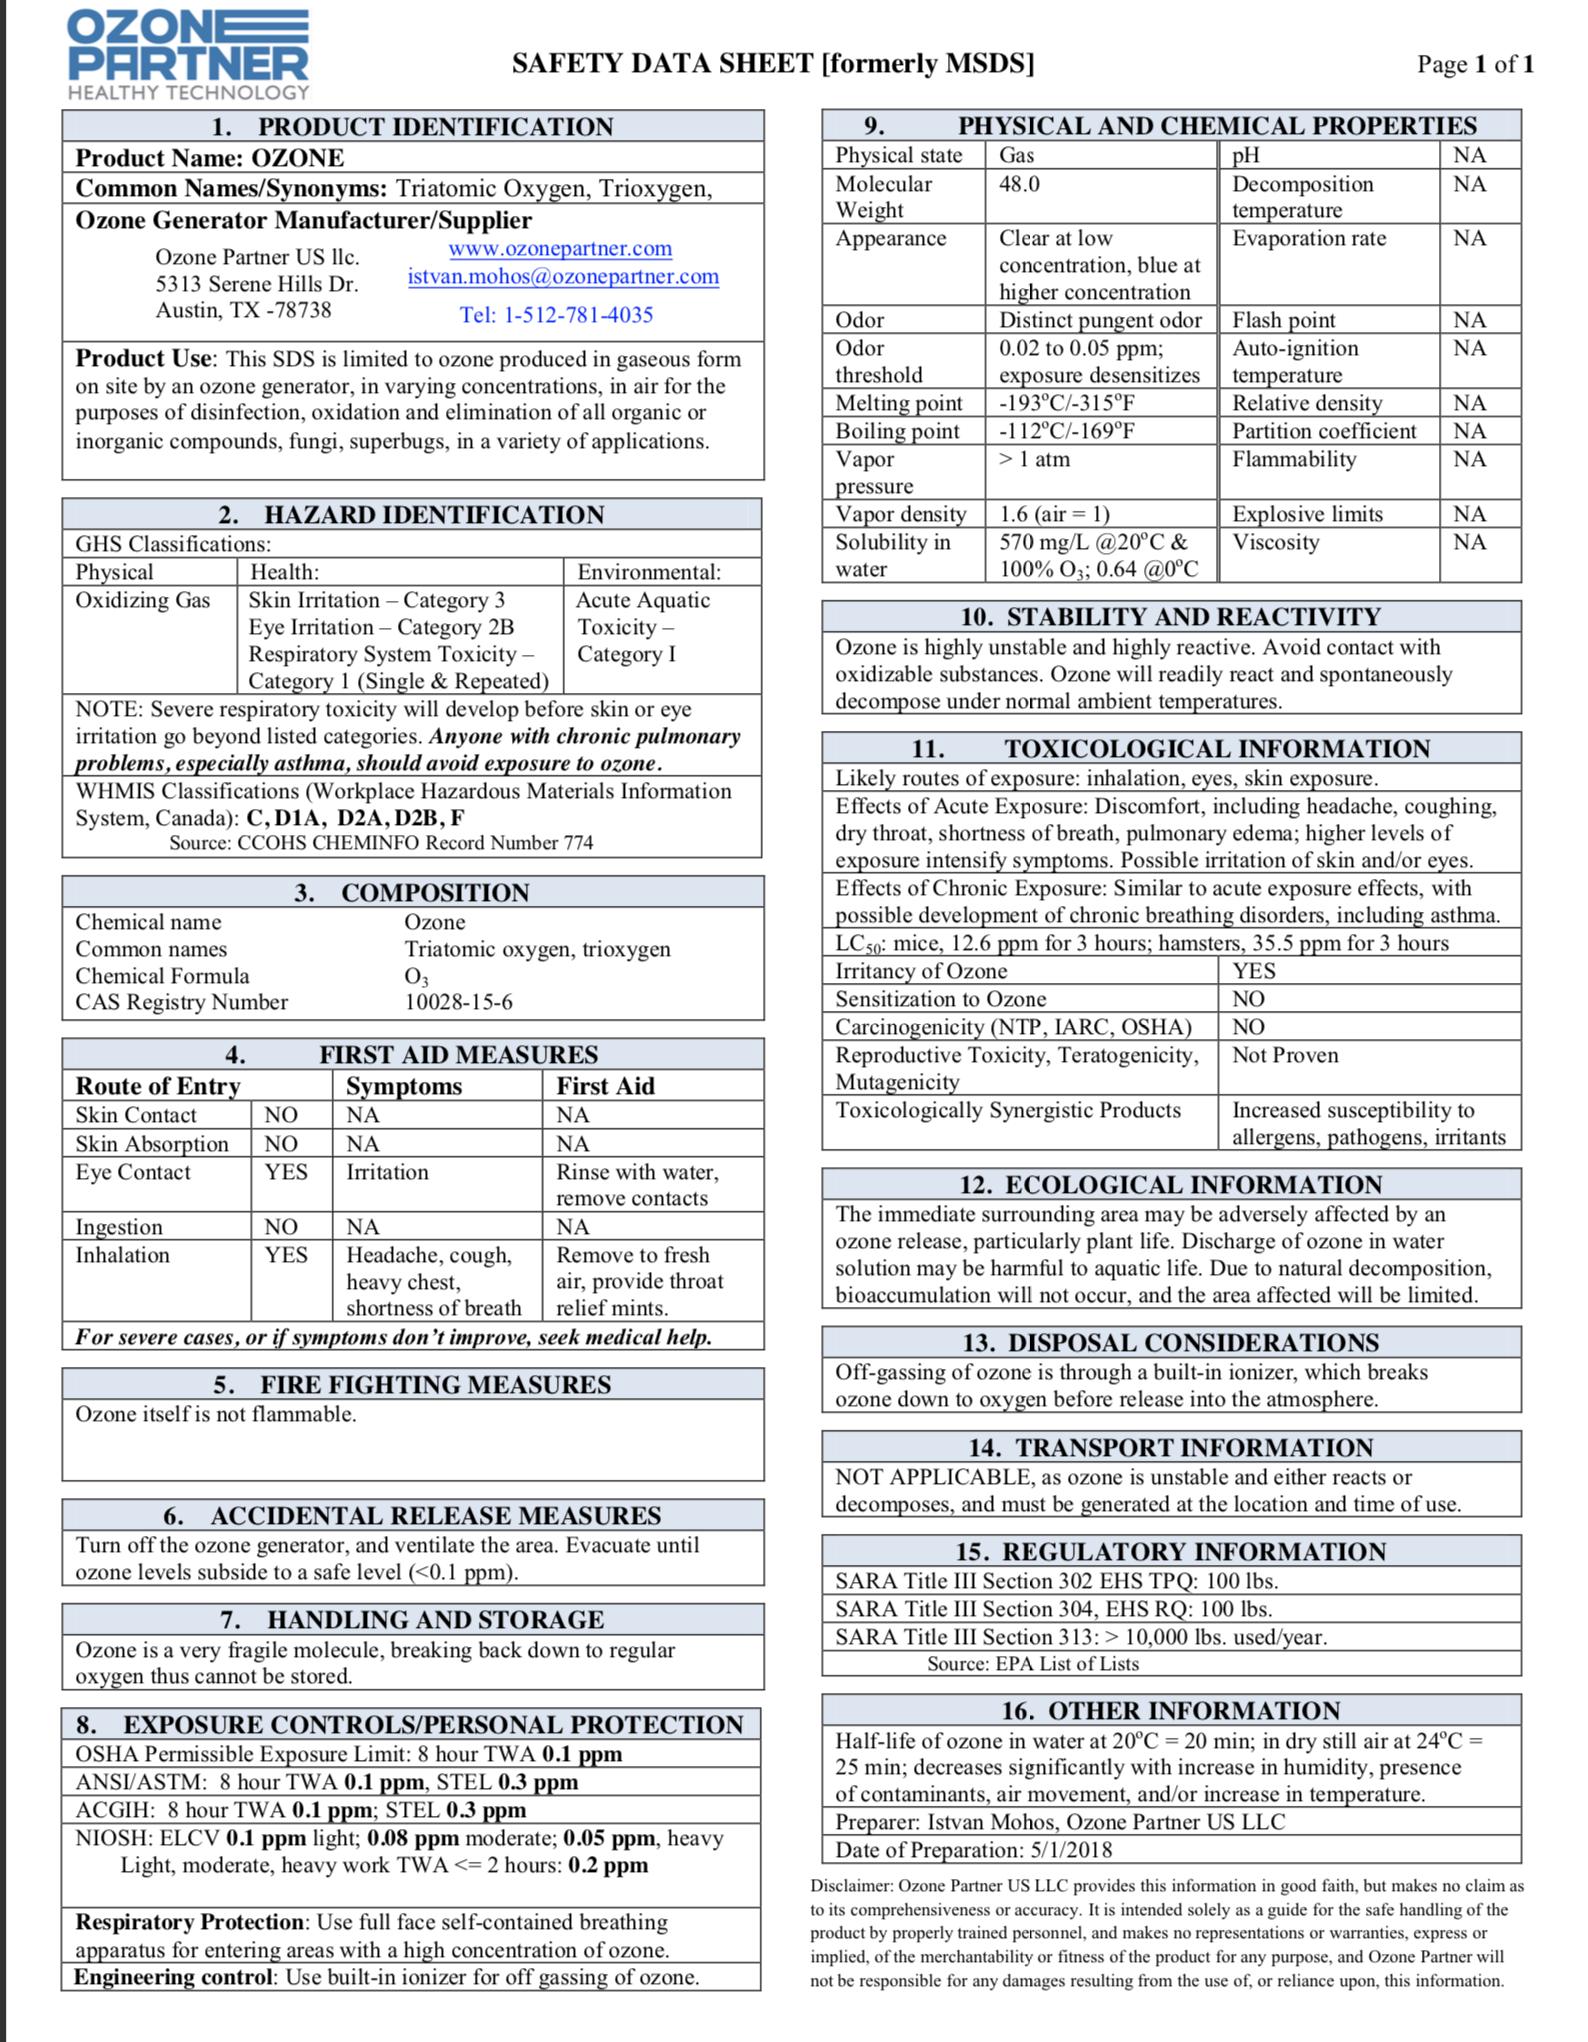 Download MSDS Sheet